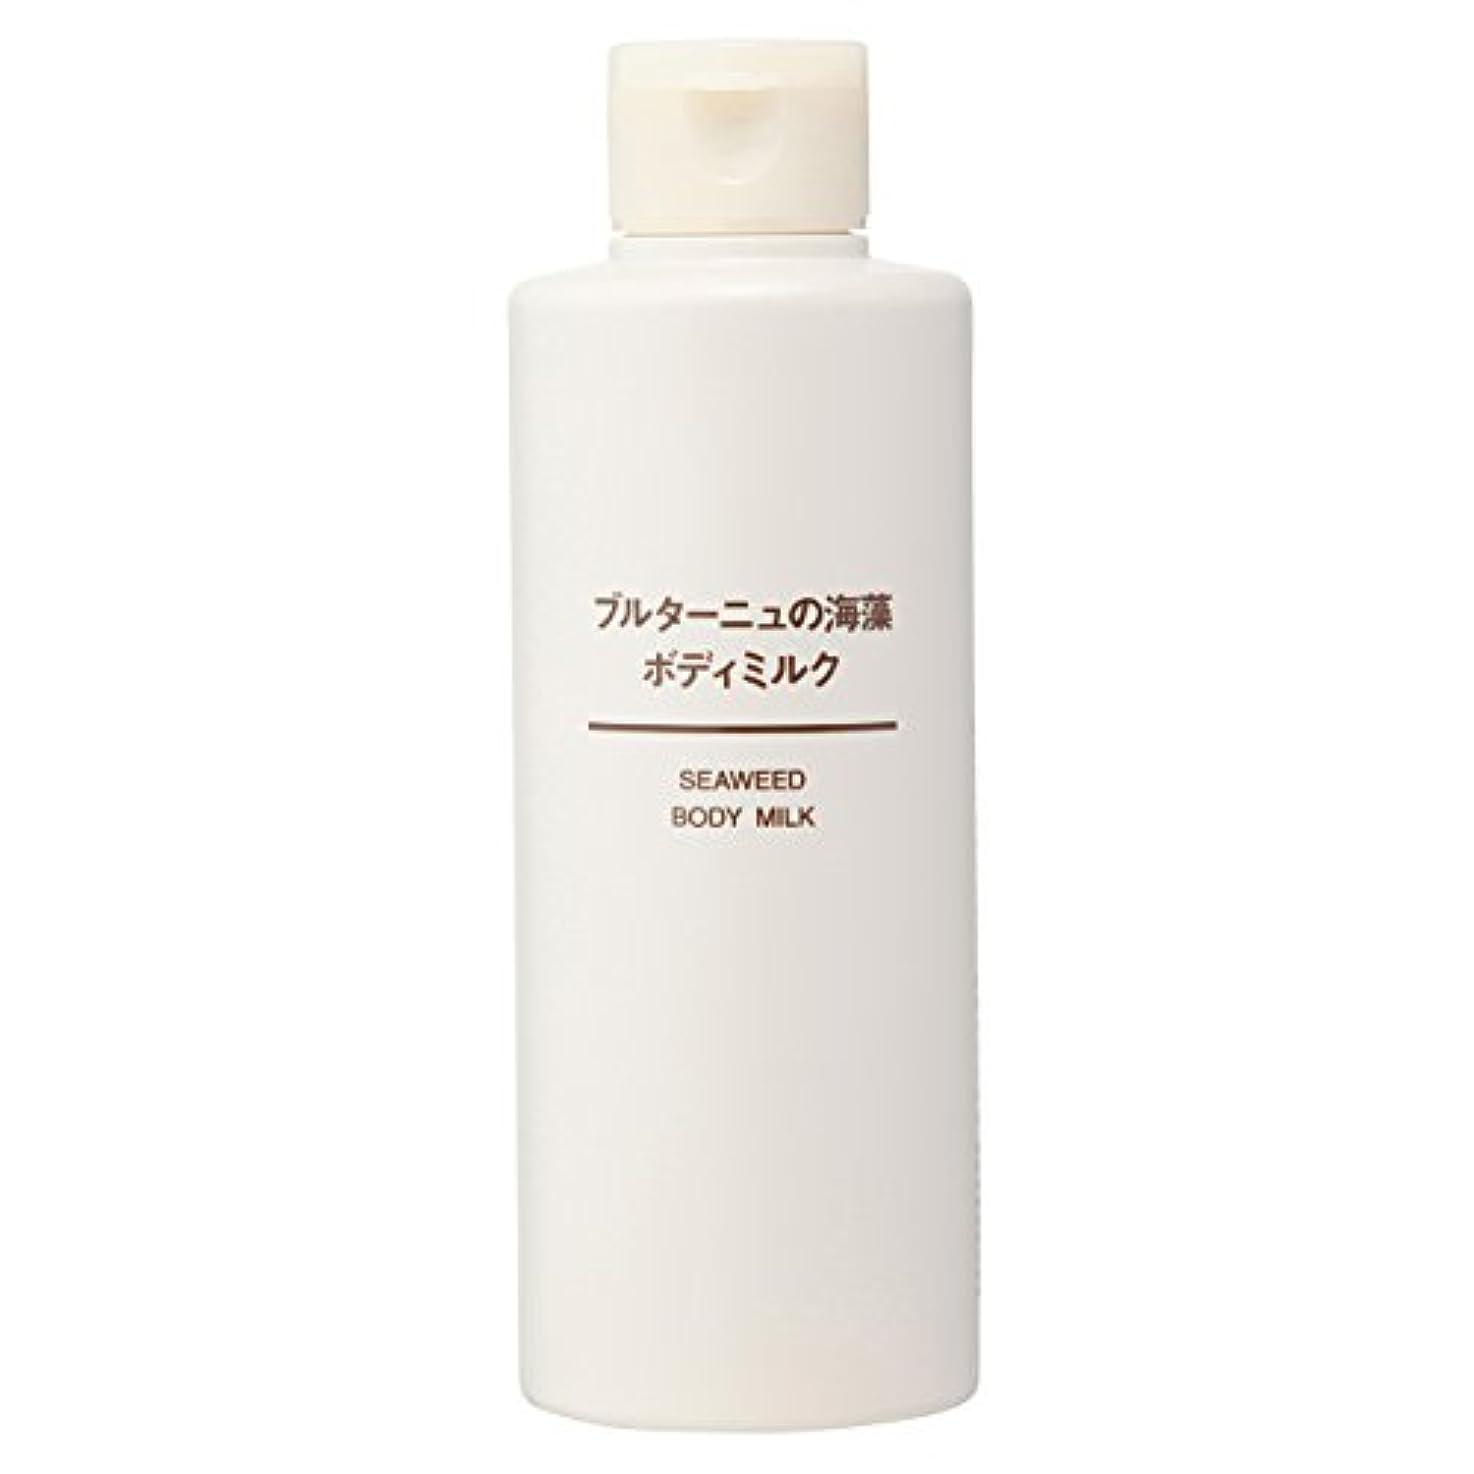 郵便番号ストレスの多い磁気無印良品 ブルターニュの海藻 ボディミルク 200ml 日本製